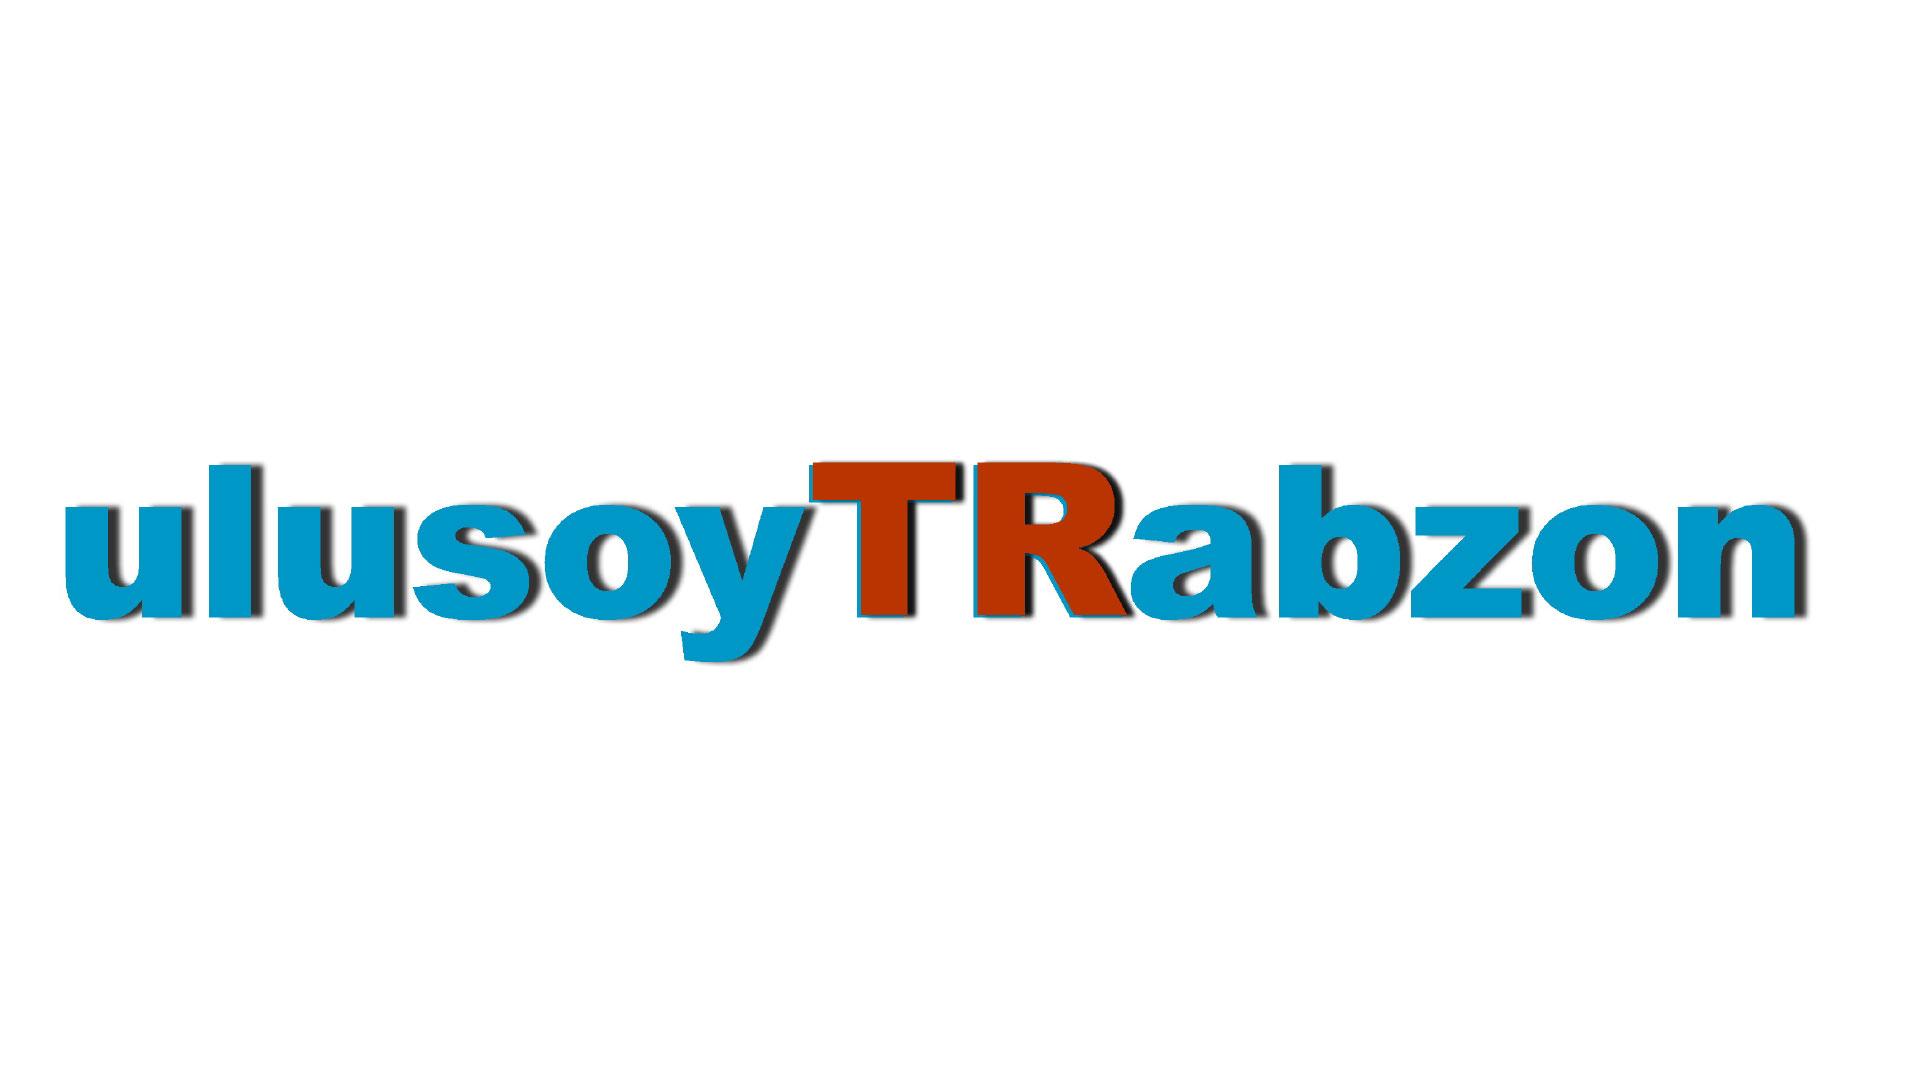 UlusoyTrabzon